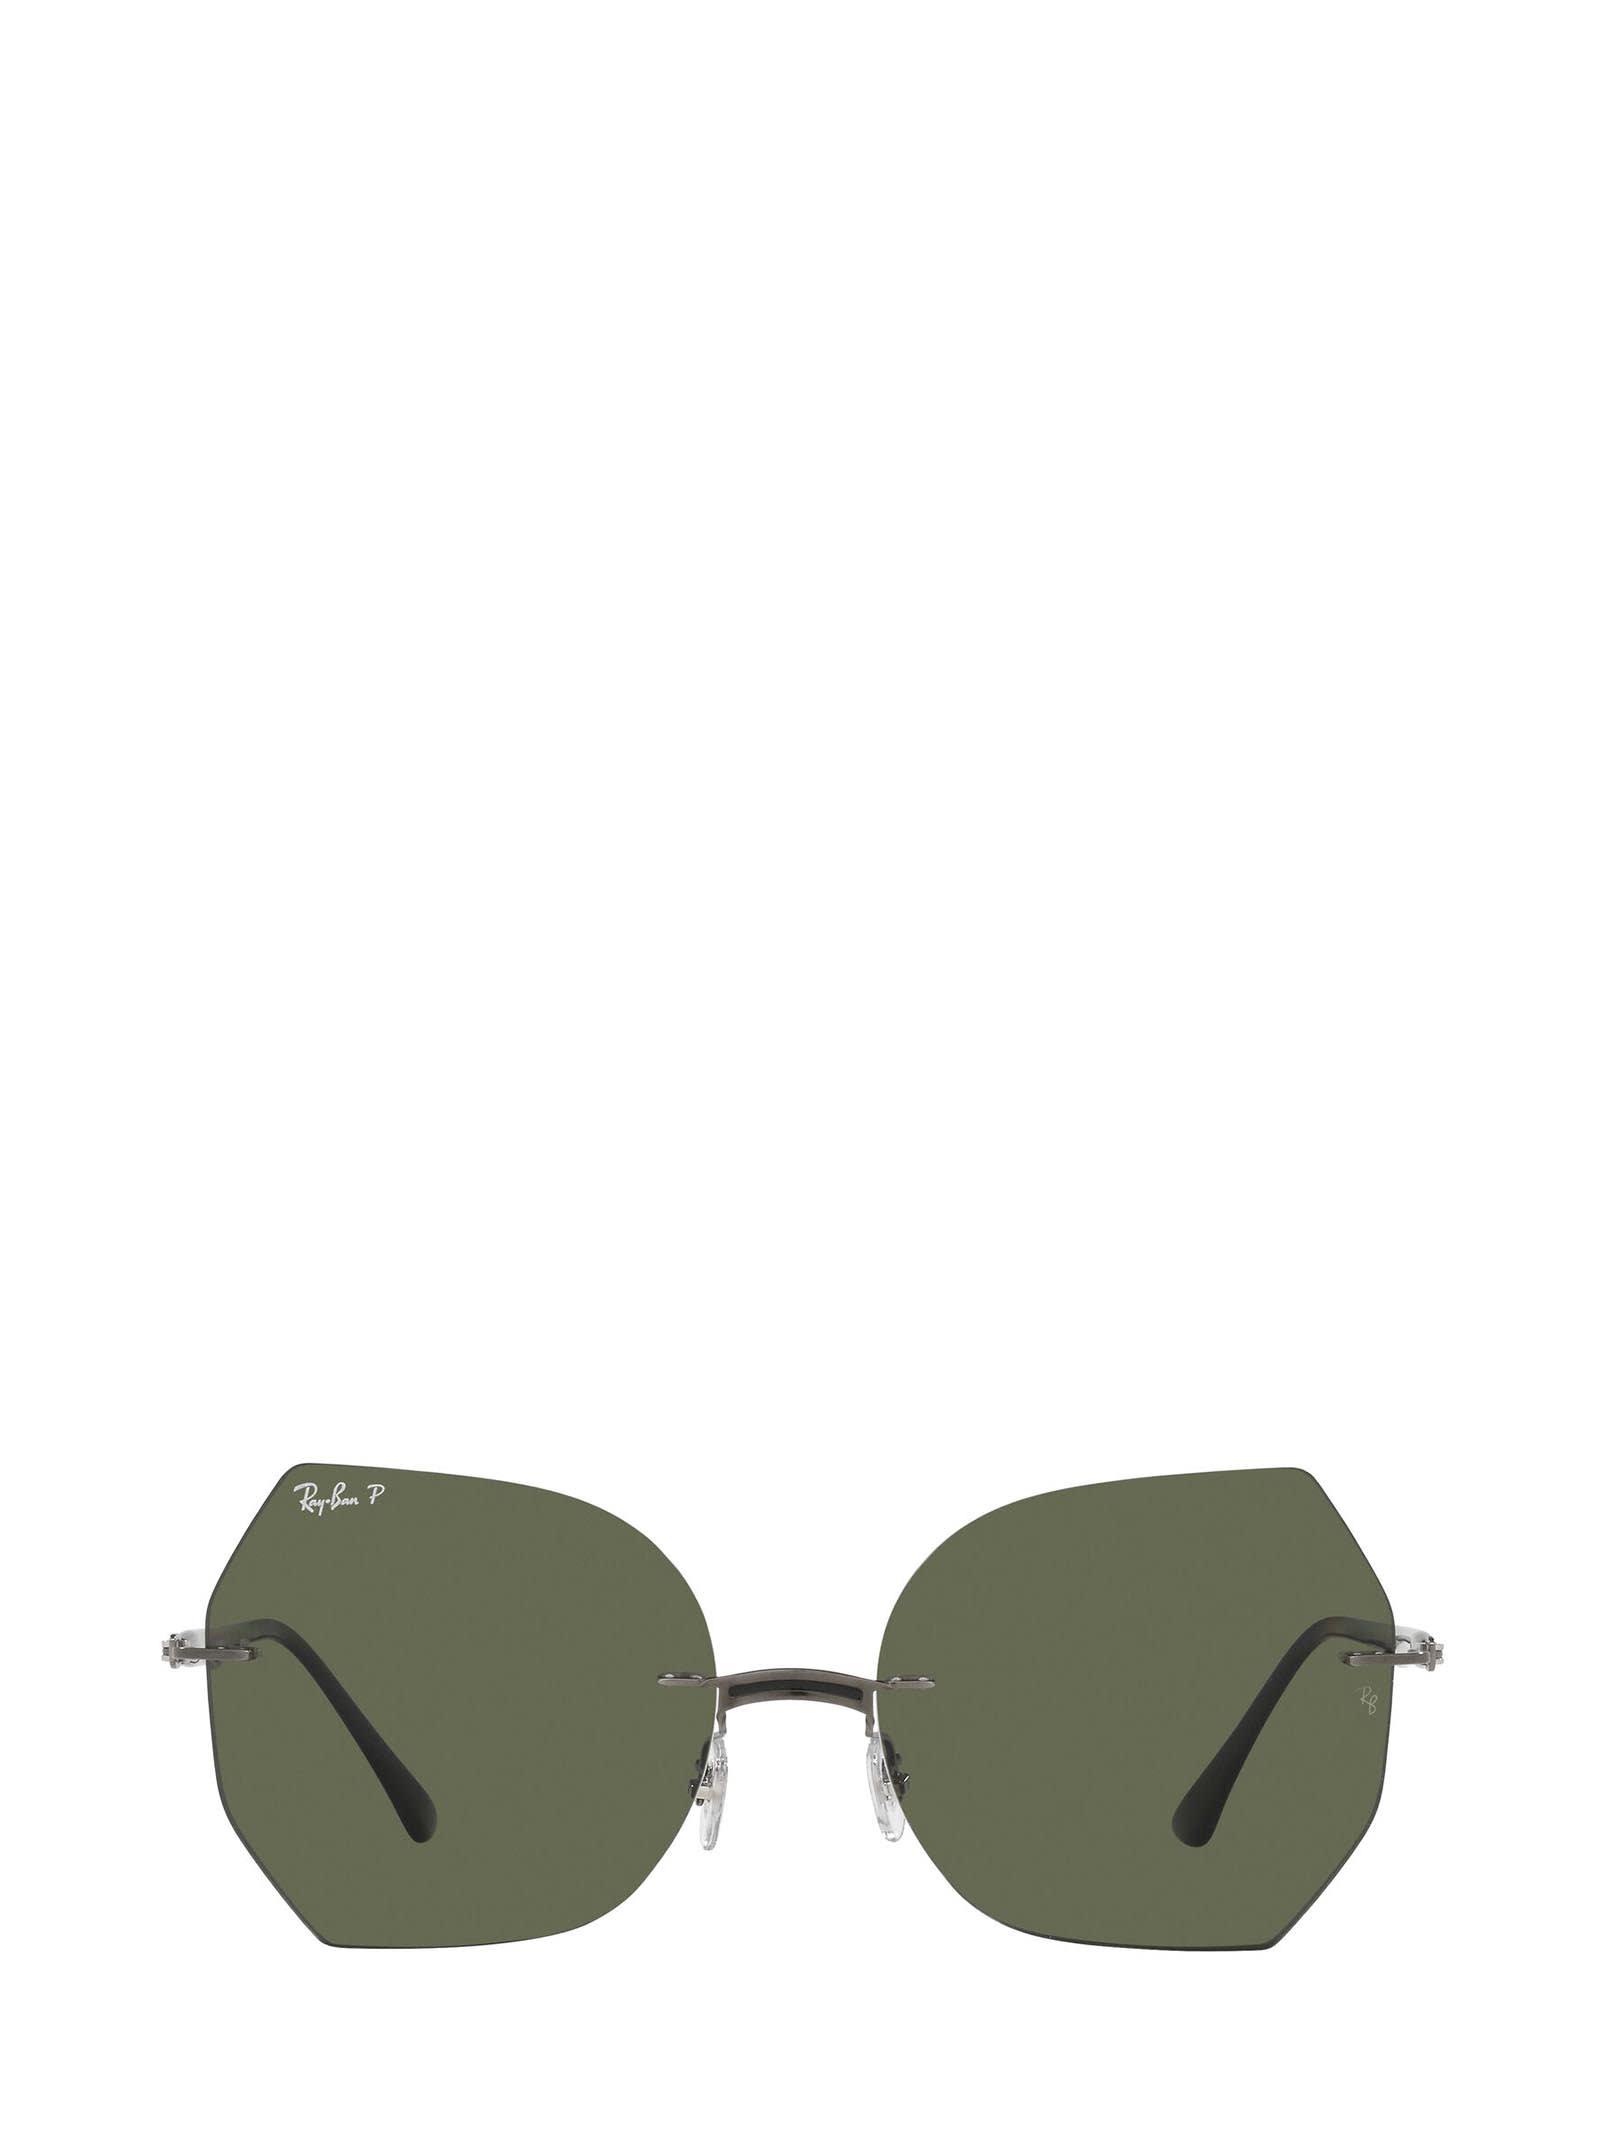 Ray-Ban Ray-ban Rb8065 Black On Gunmetal Sunglasses